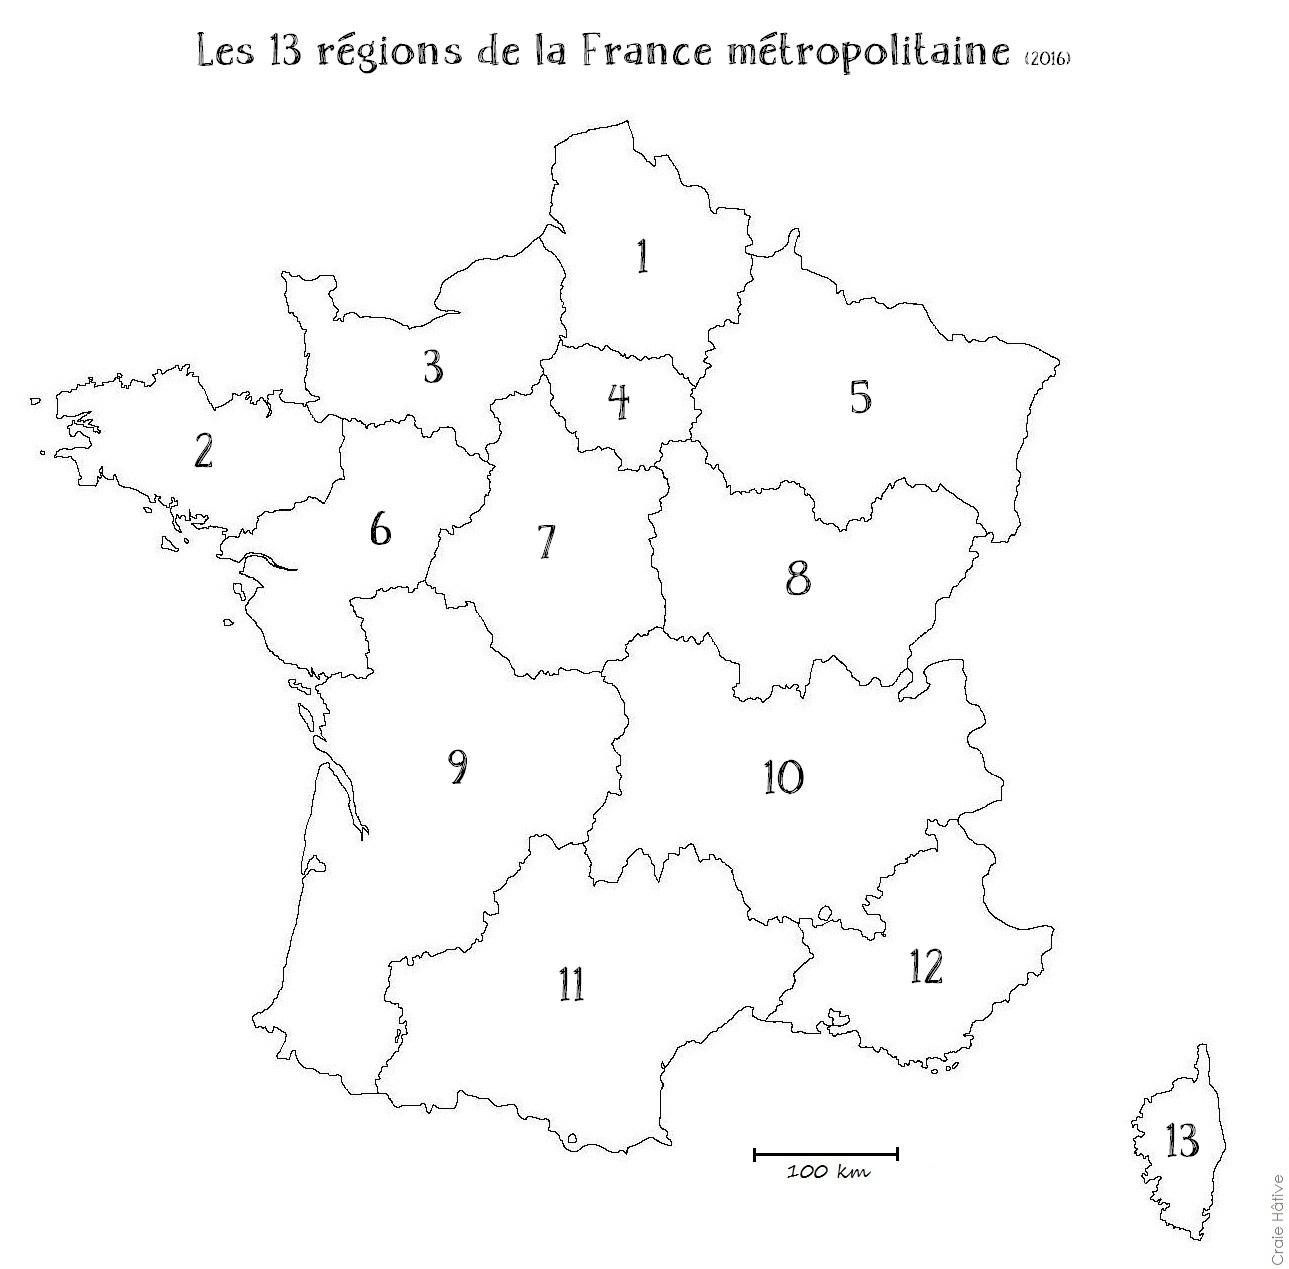 Cartes Des Régions De La France Métropolitaine - 2016 serapportantà 13 Régions Françaises